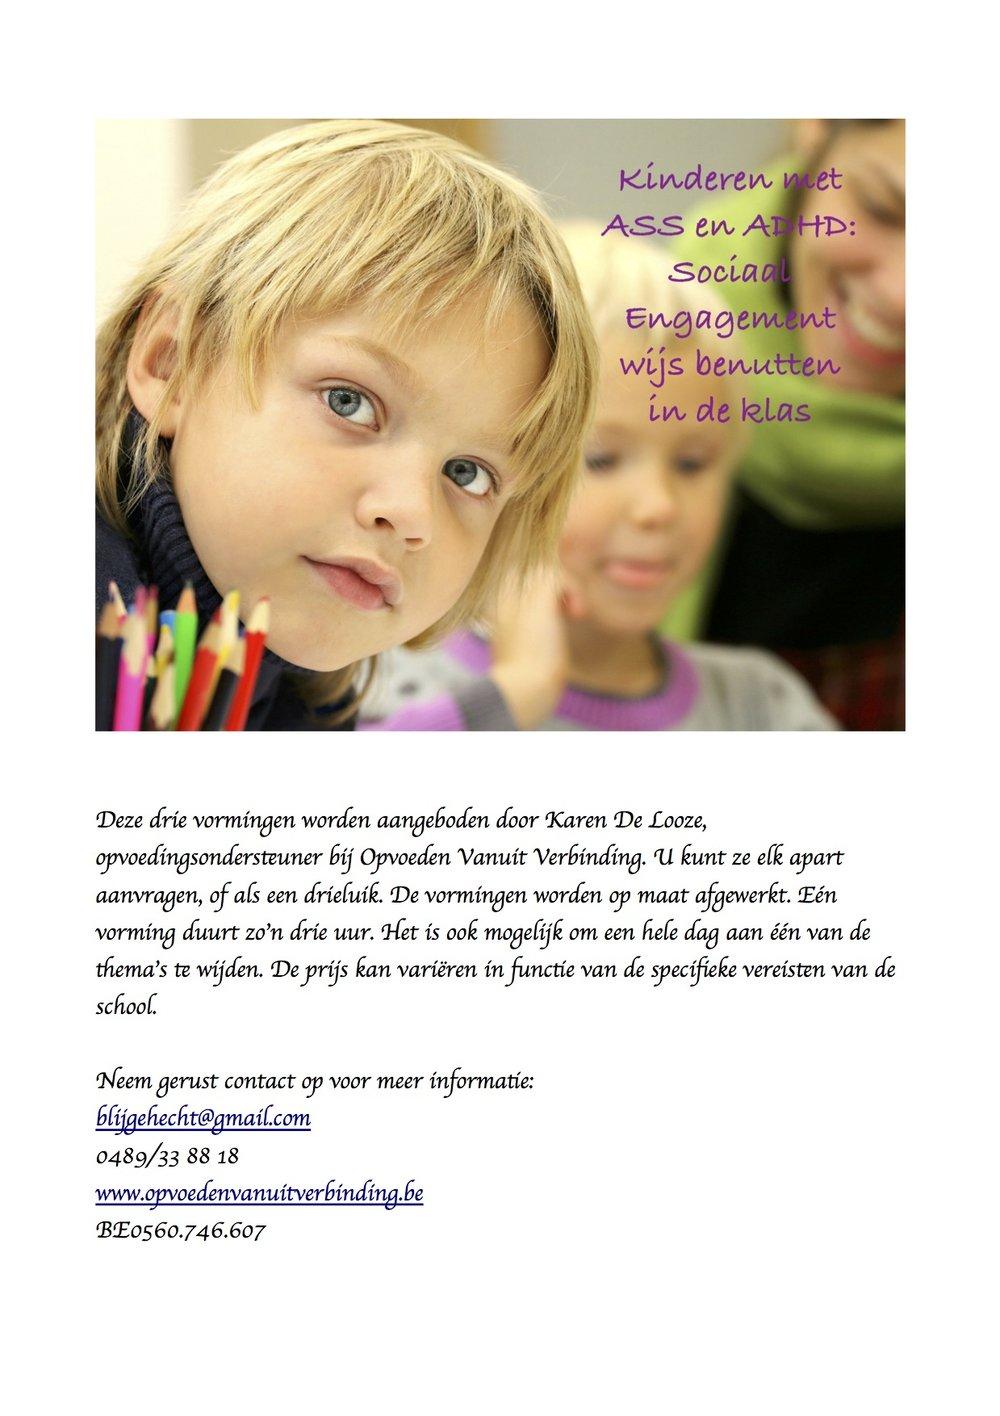 Vormingsaanbod voor scholen.jpg